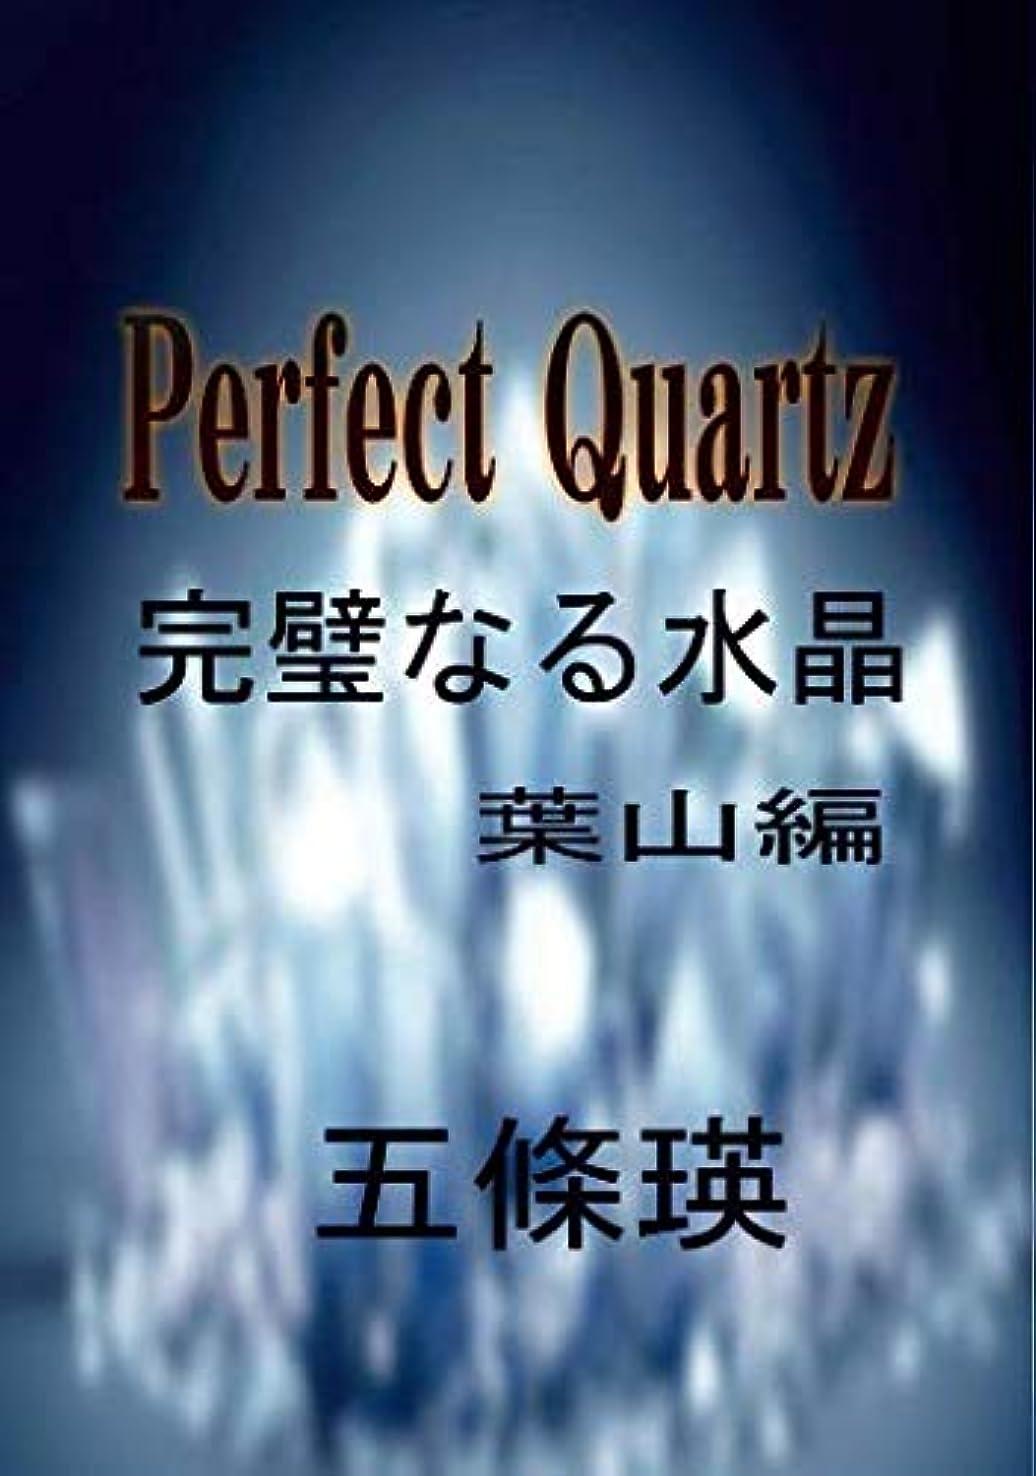 Perfect Quartz 完璧なる水晶?葉山編